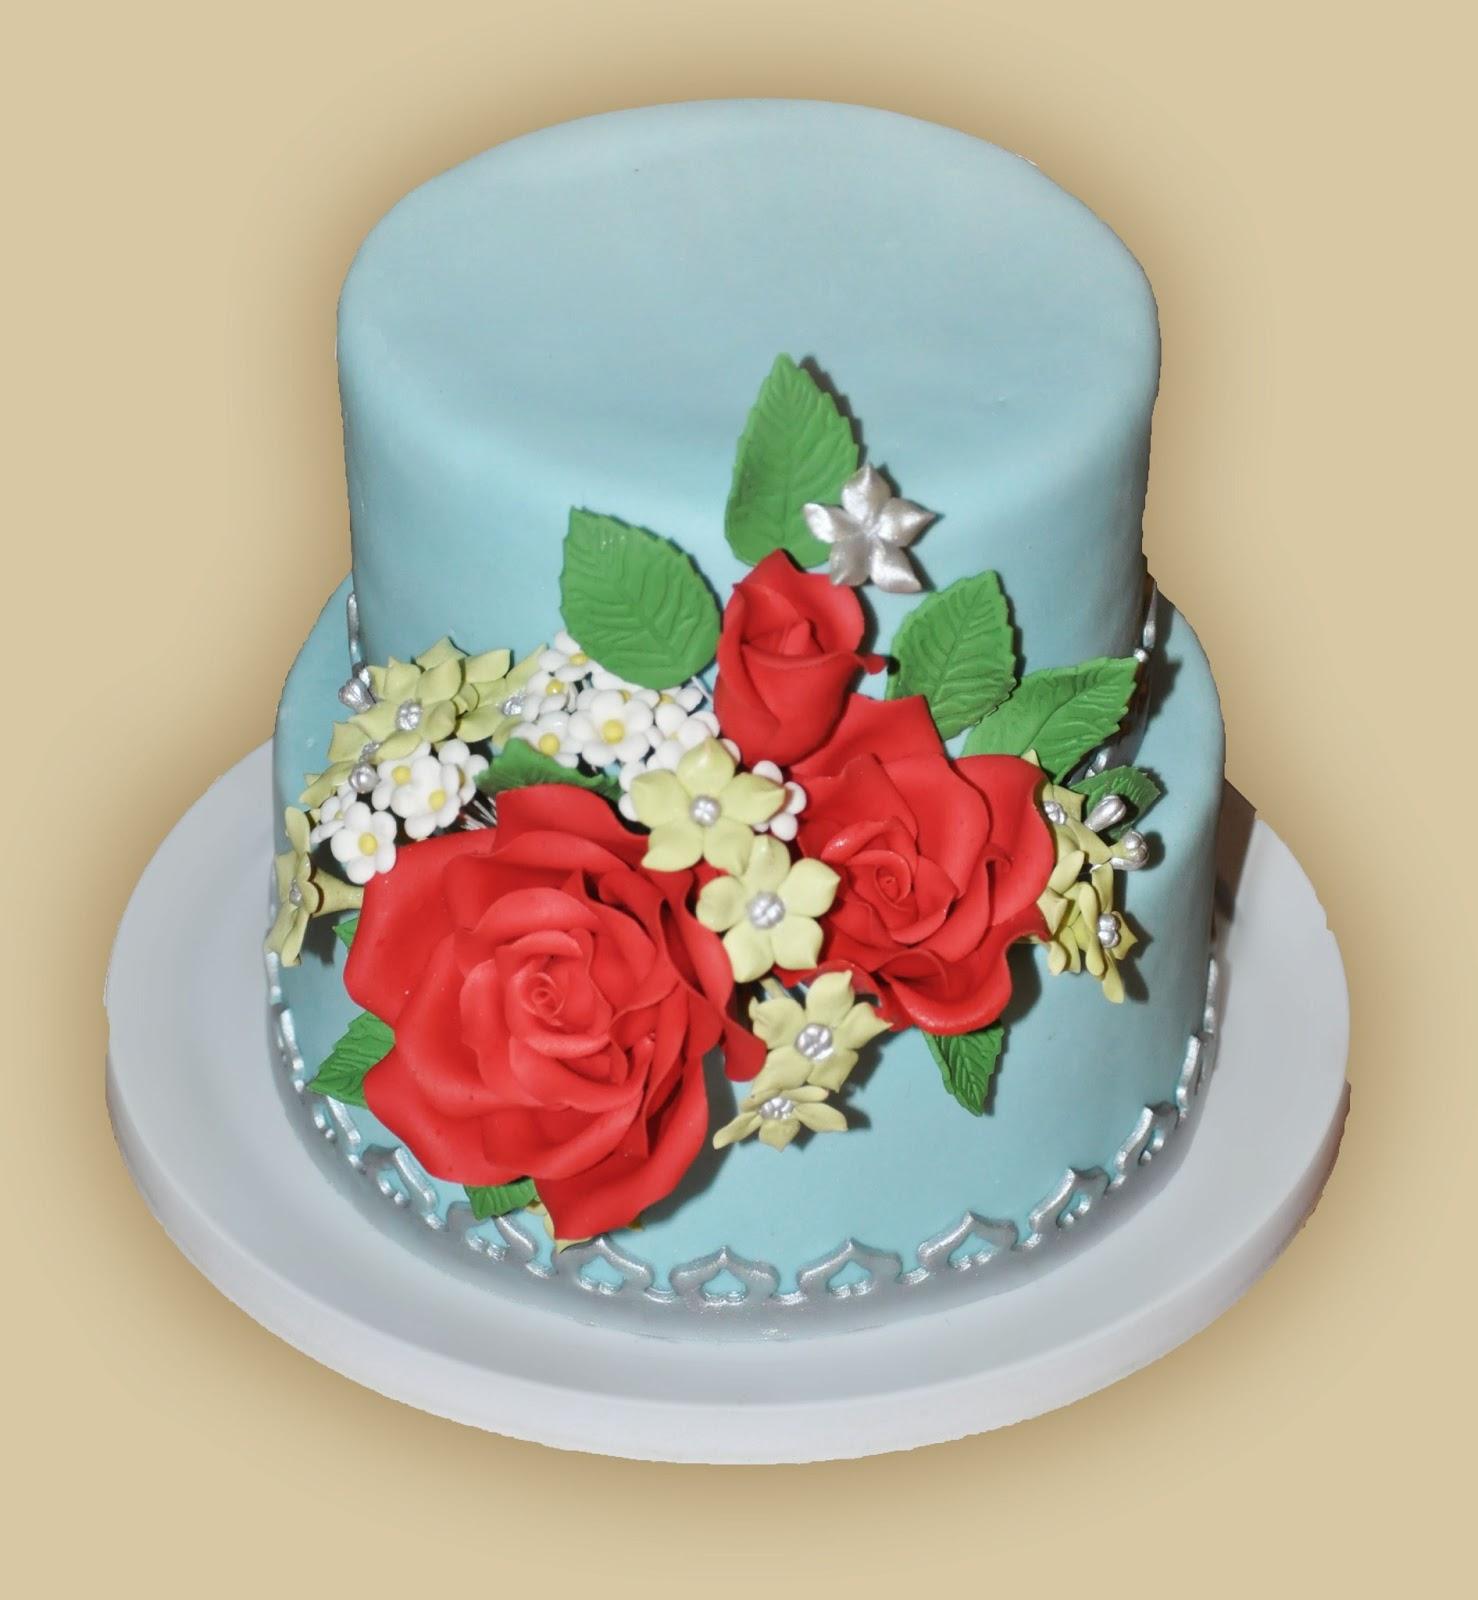 Кремовые свадебные торты фото - советы по выбору, варианты оформления 85